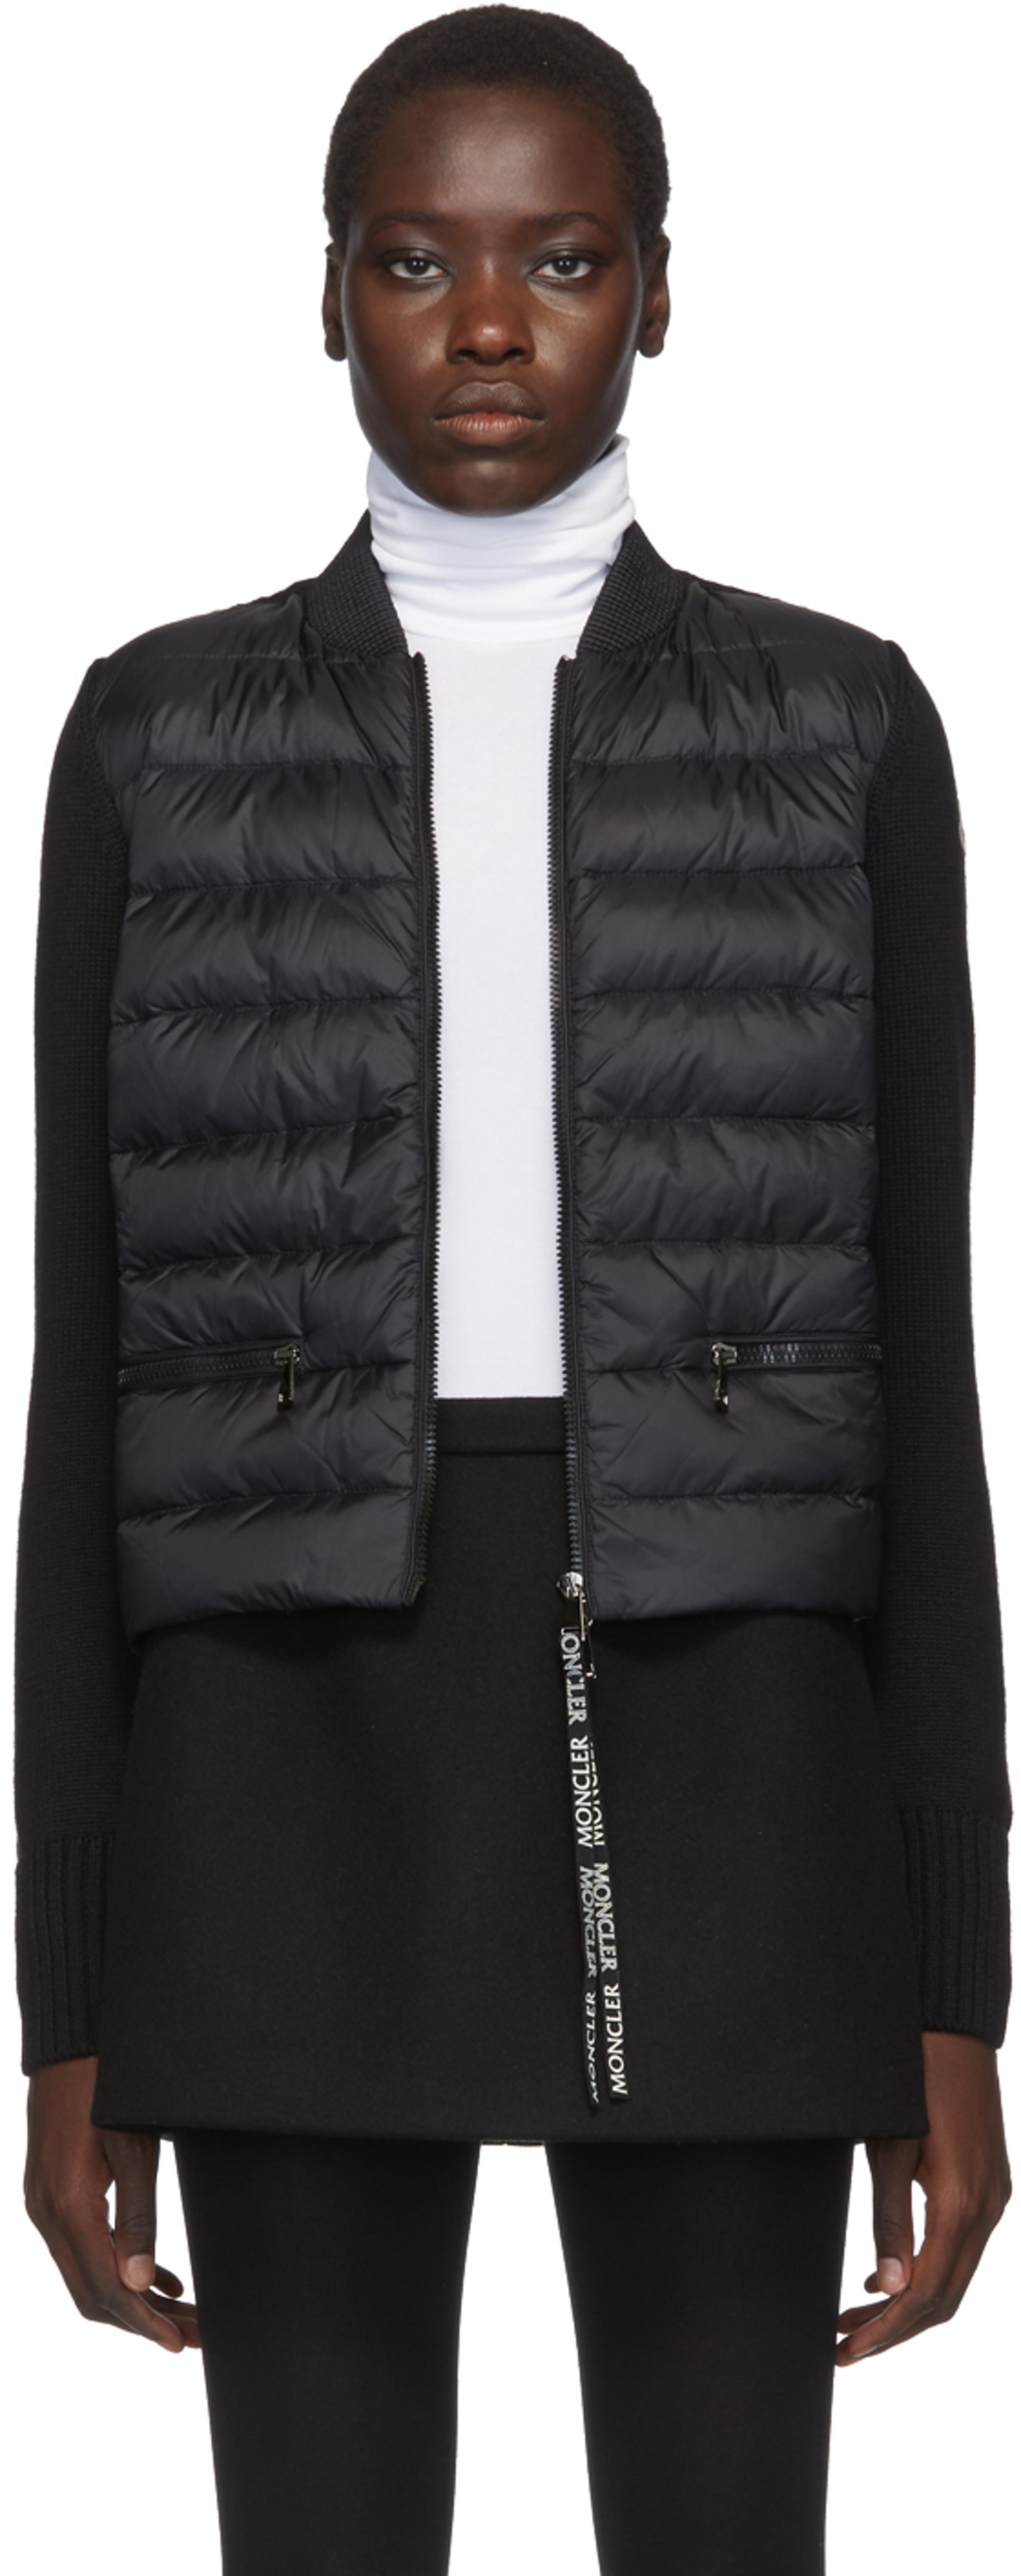 factory authentic e1d59 e7f4c Black Knit Down Jacket